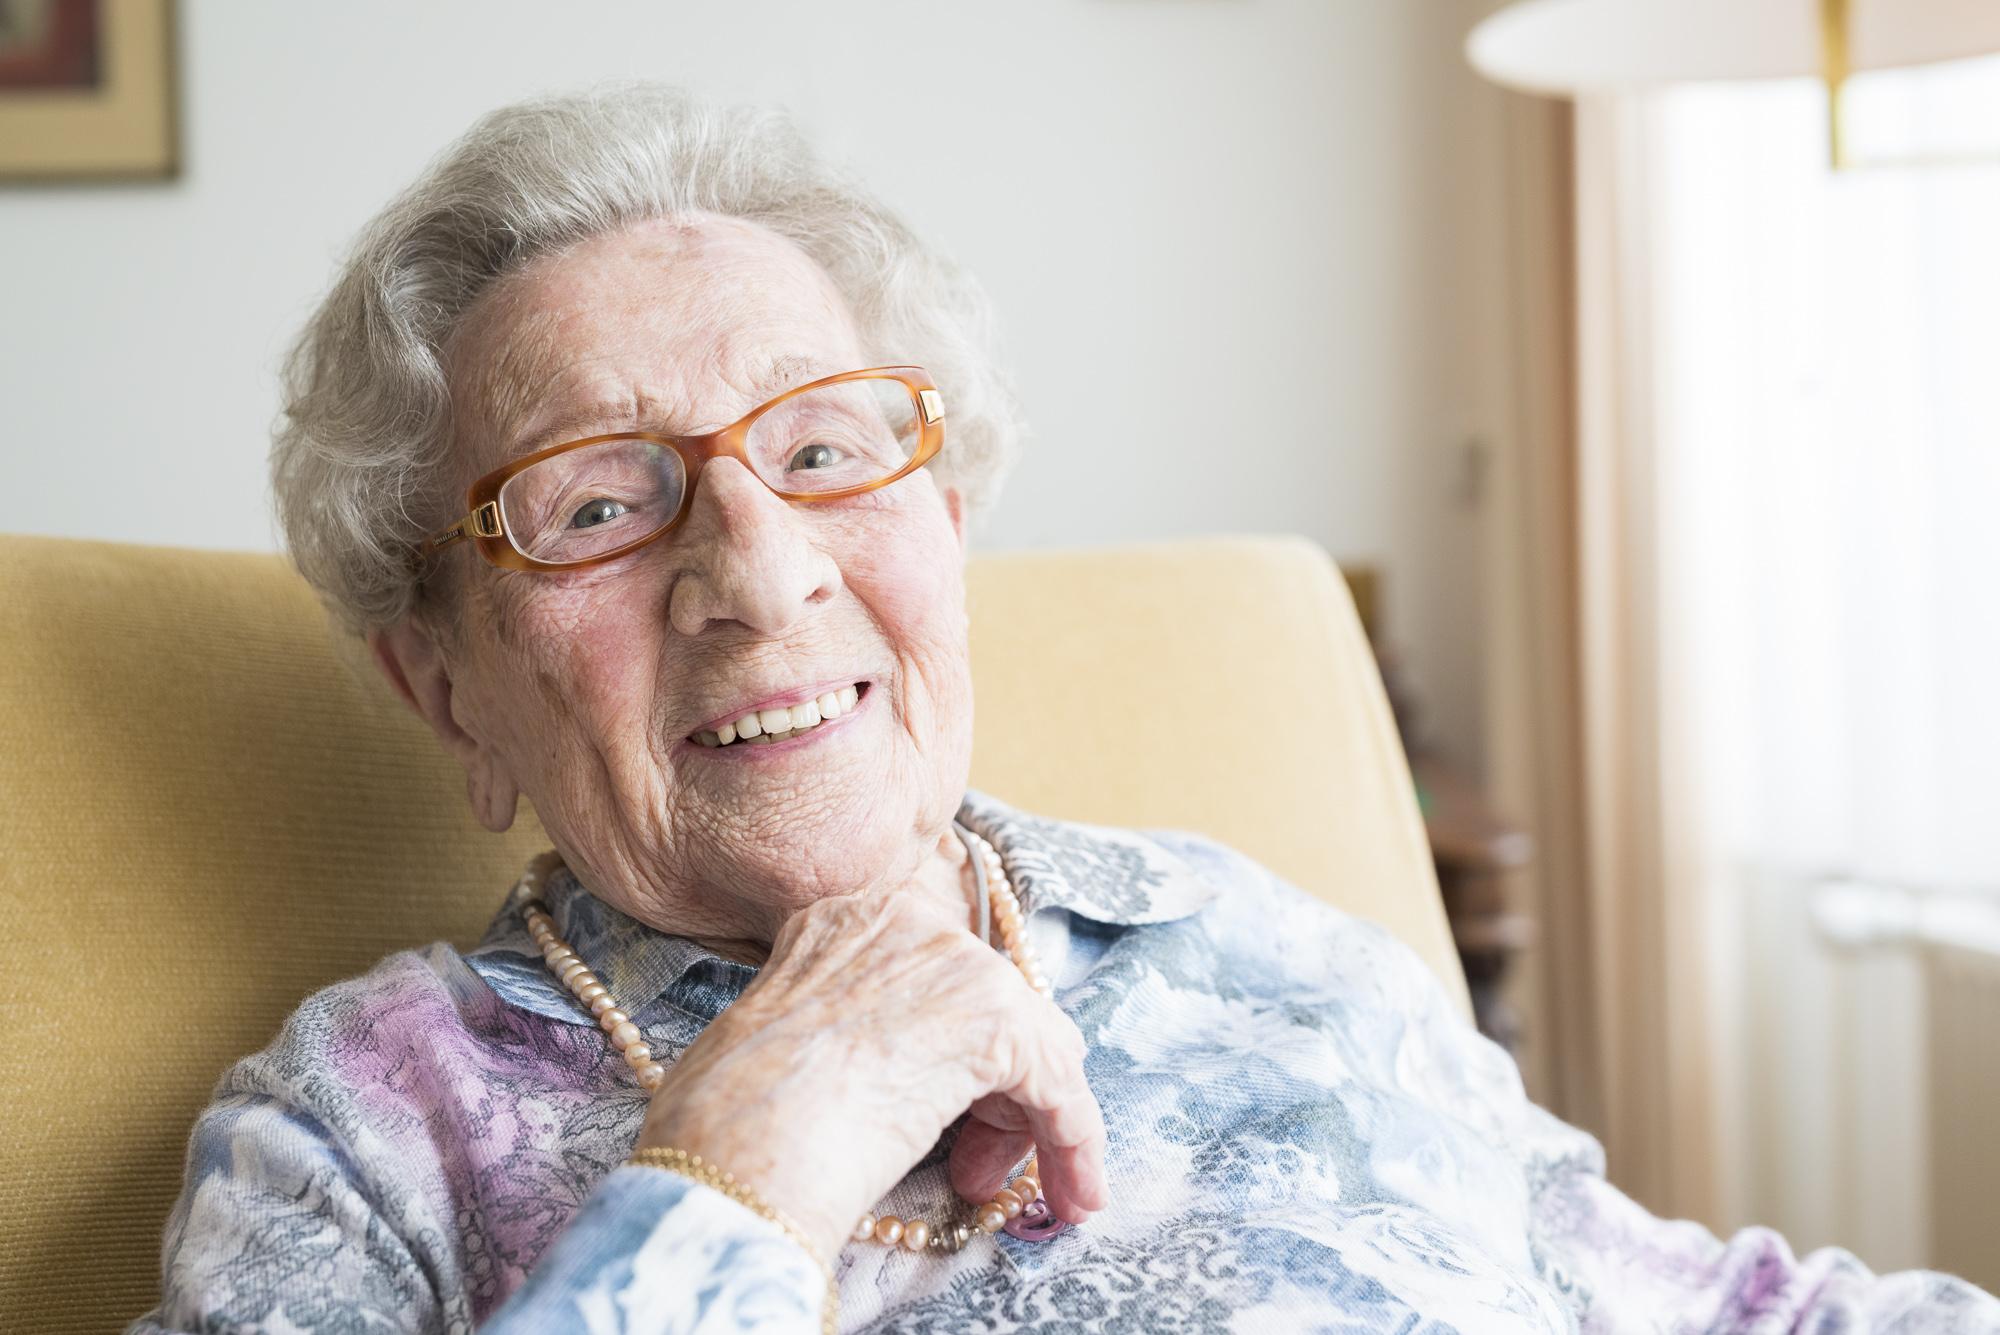 Thuiszorg vacatures waaronder 24-uurs zorg